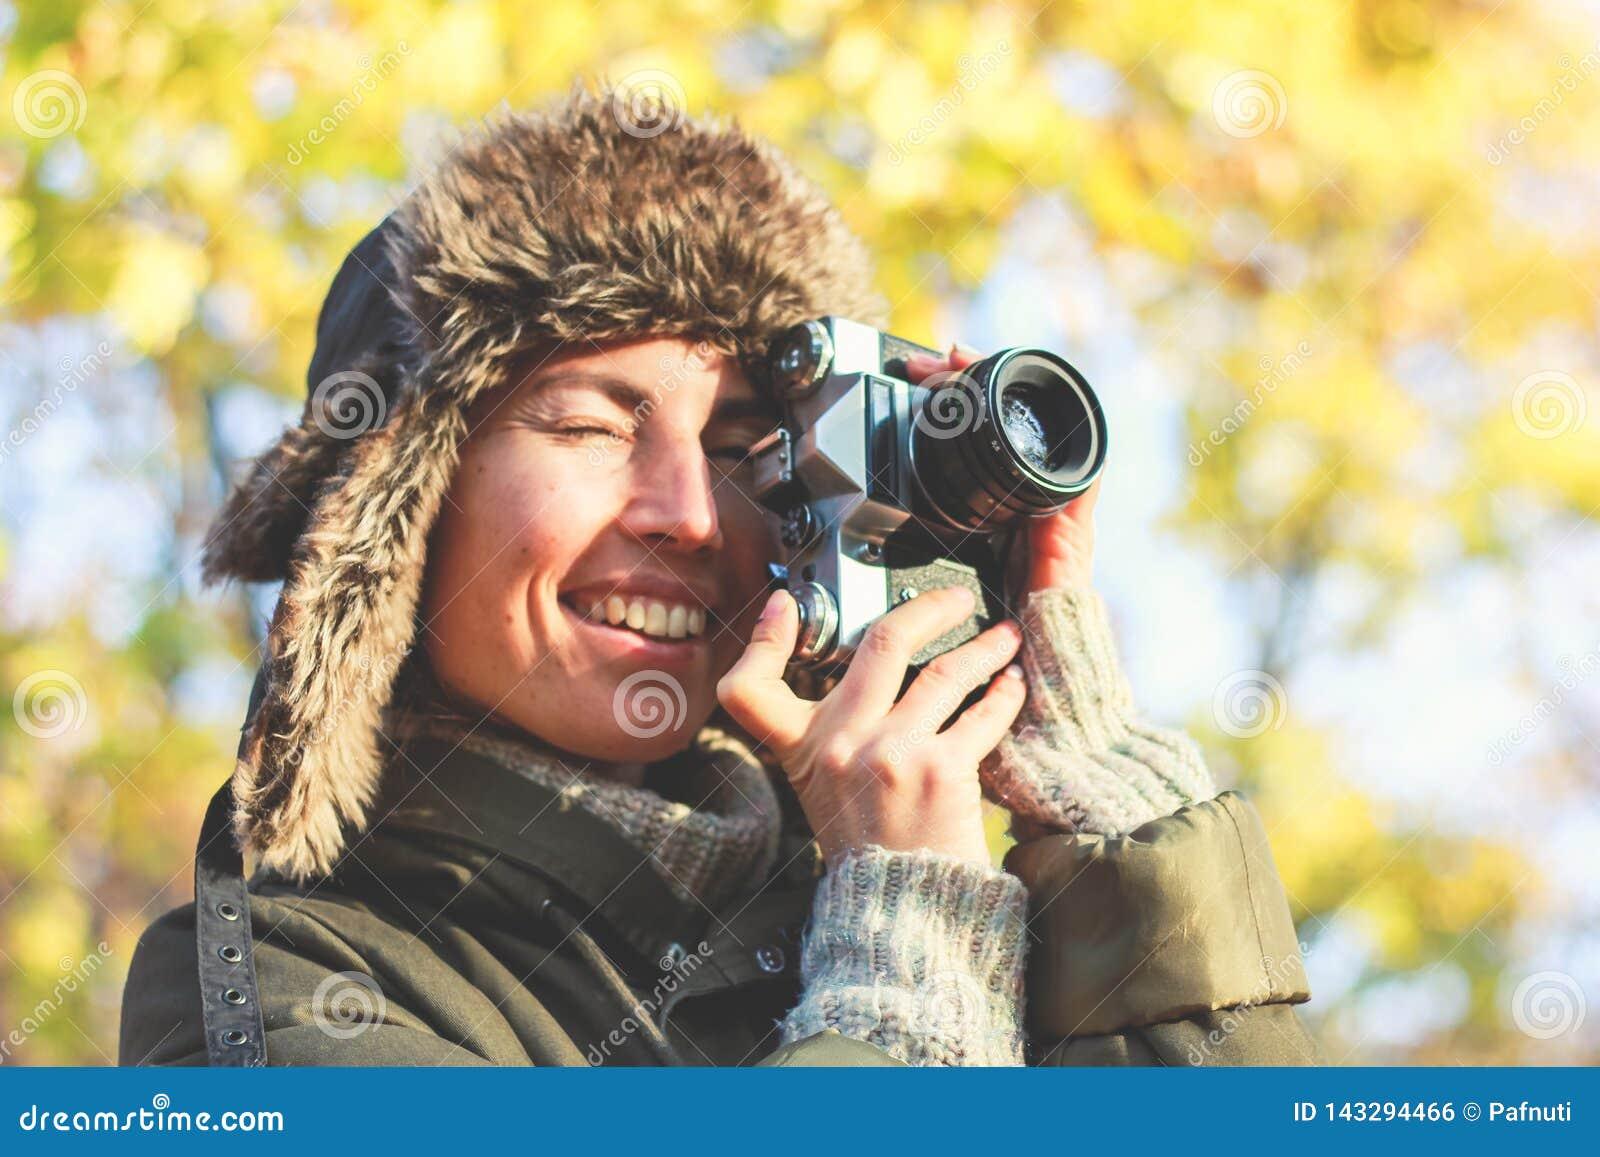 Cámara retra a disposición de la muchacha joven del fotógrafo y listo para tomar la foto